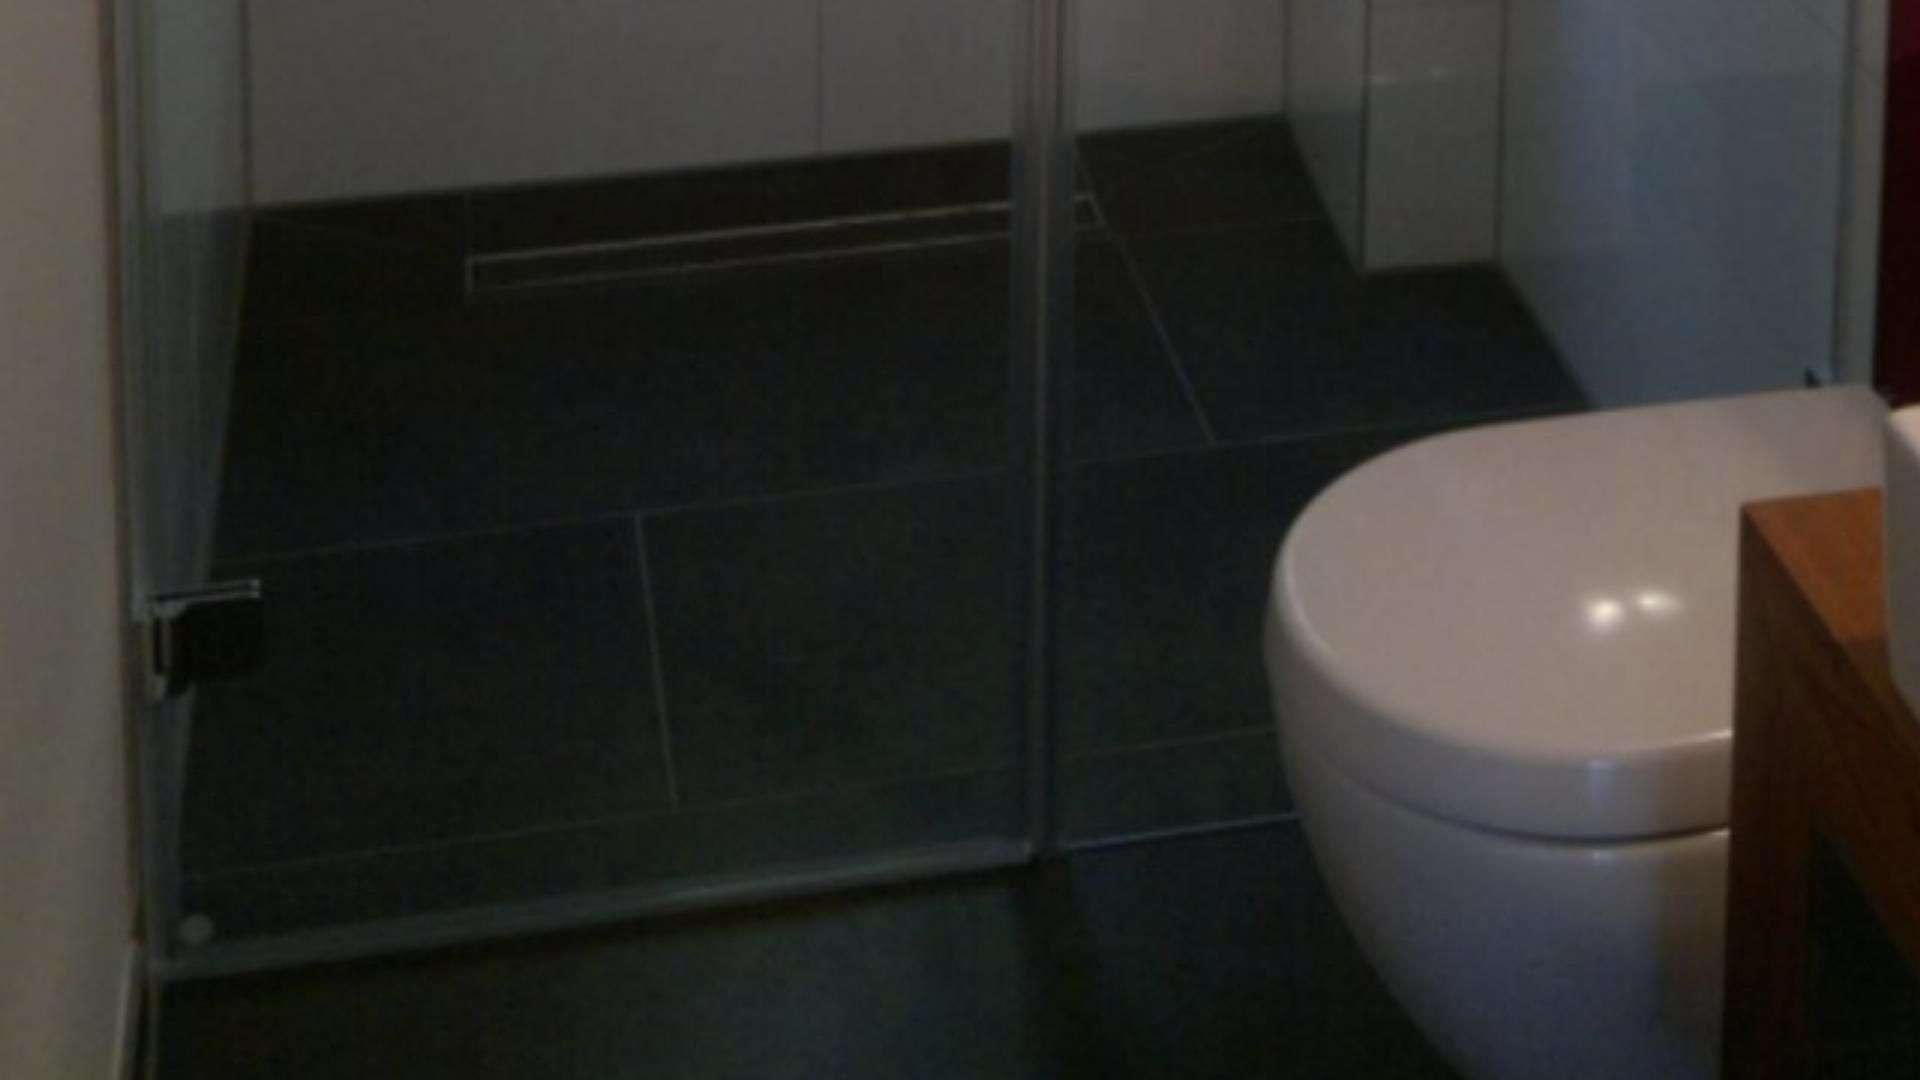 ebenerdige Dusche mit Glaswand hinter einer Toilette